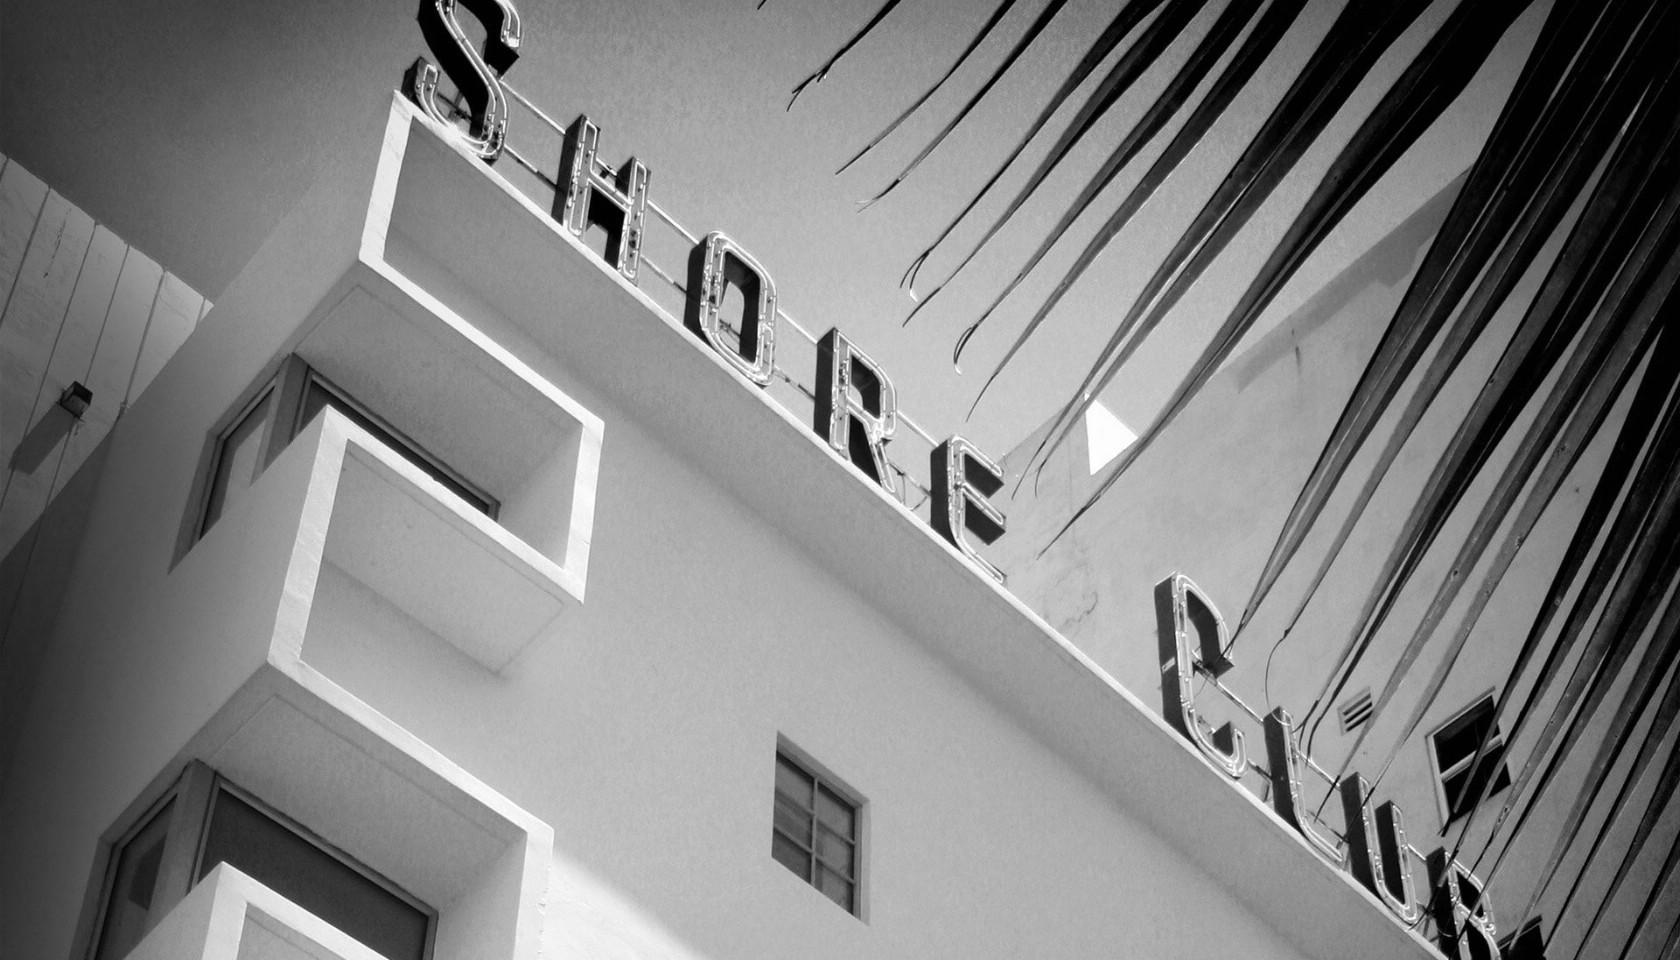 壁纸1680×960纯粹的光影美学 人文建筑黑白摄影壁纸 Shore Club Miami 迈阿密海岸俱乐部桌面壁纸壁纸 纯粹的光影美学人文建筑黑白摄影壁纸壁纸图片人文壁纸人文图片素材桌面壁纸